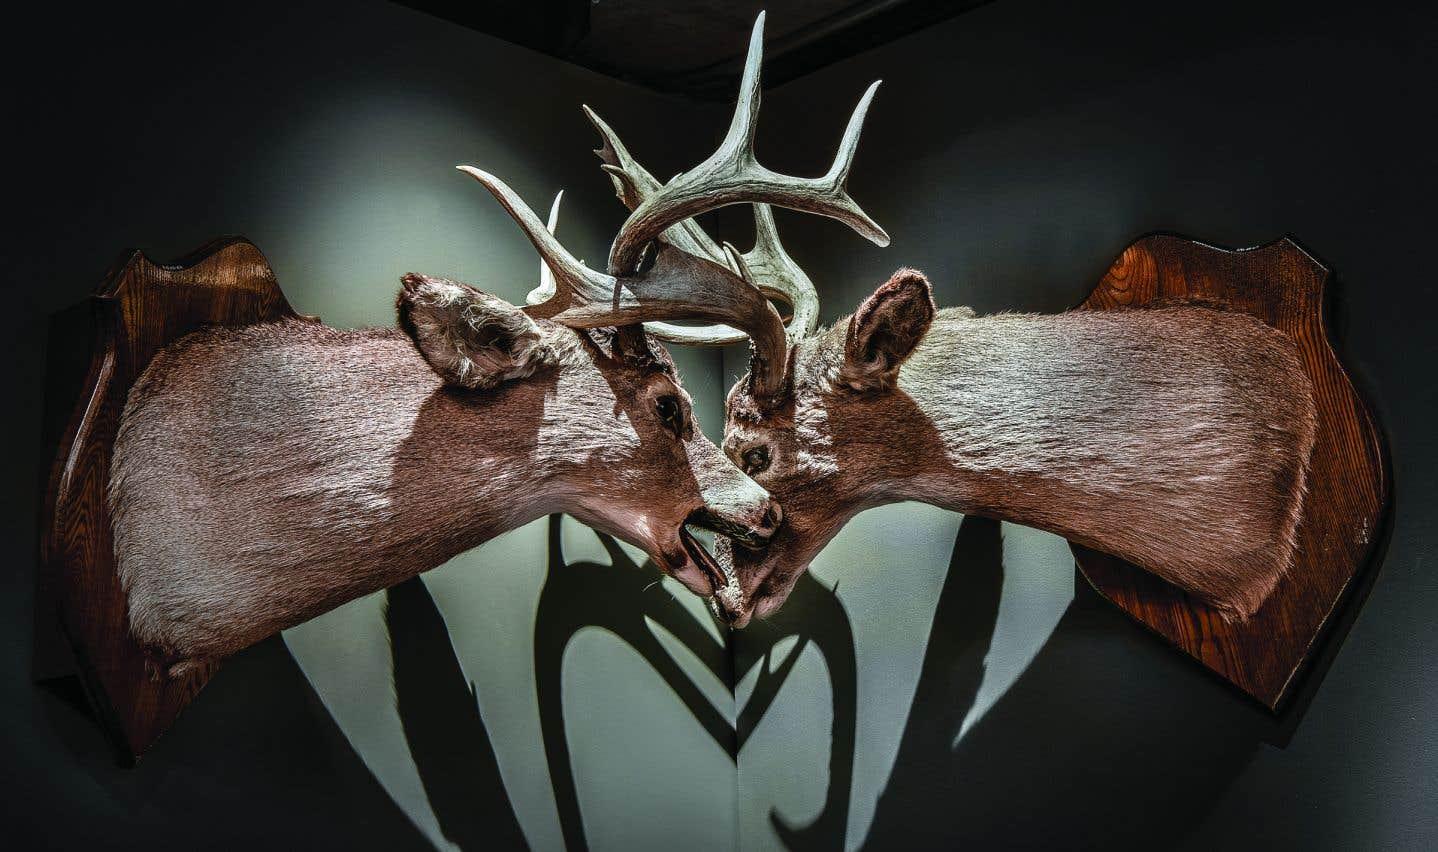 Deux cerfs de Virginie dont les bois entrelacés lors d'une bataille a causé leur mort (Musée de la nature et des sciences de Sherbrooke).